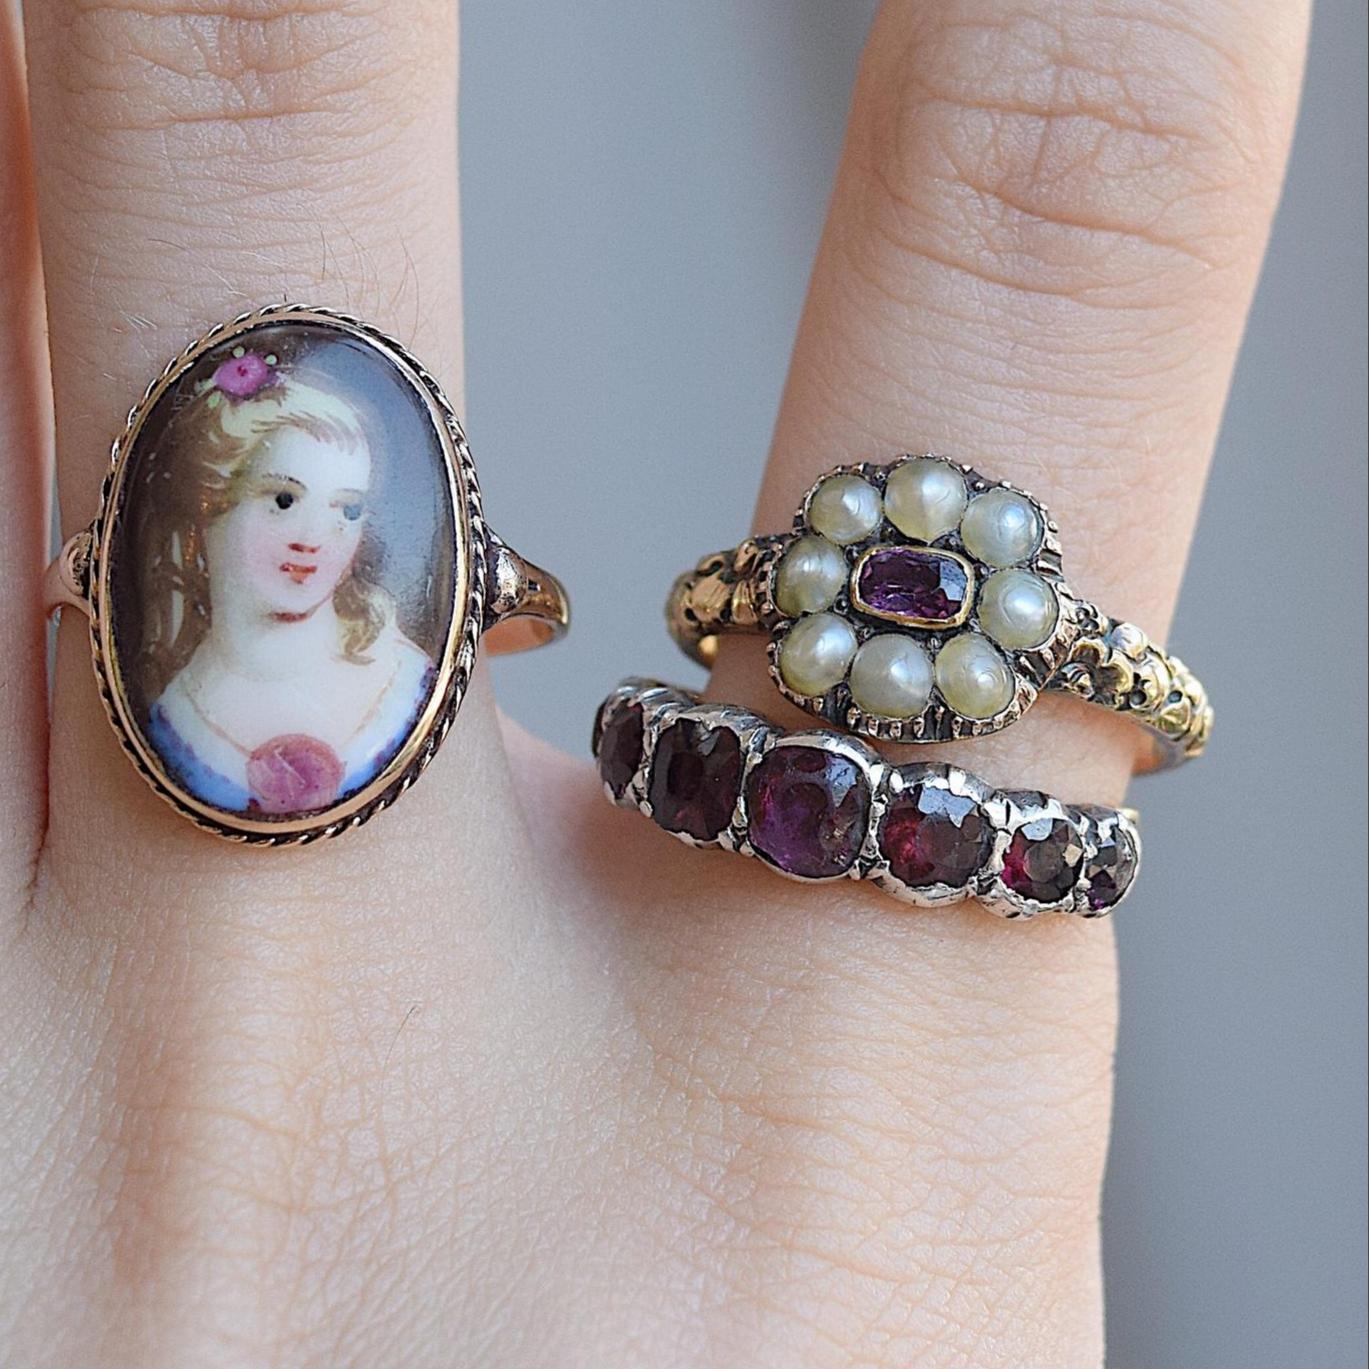 טבעת זהב עם ציור אמייל עתיק.(הטבעת השמאלית)